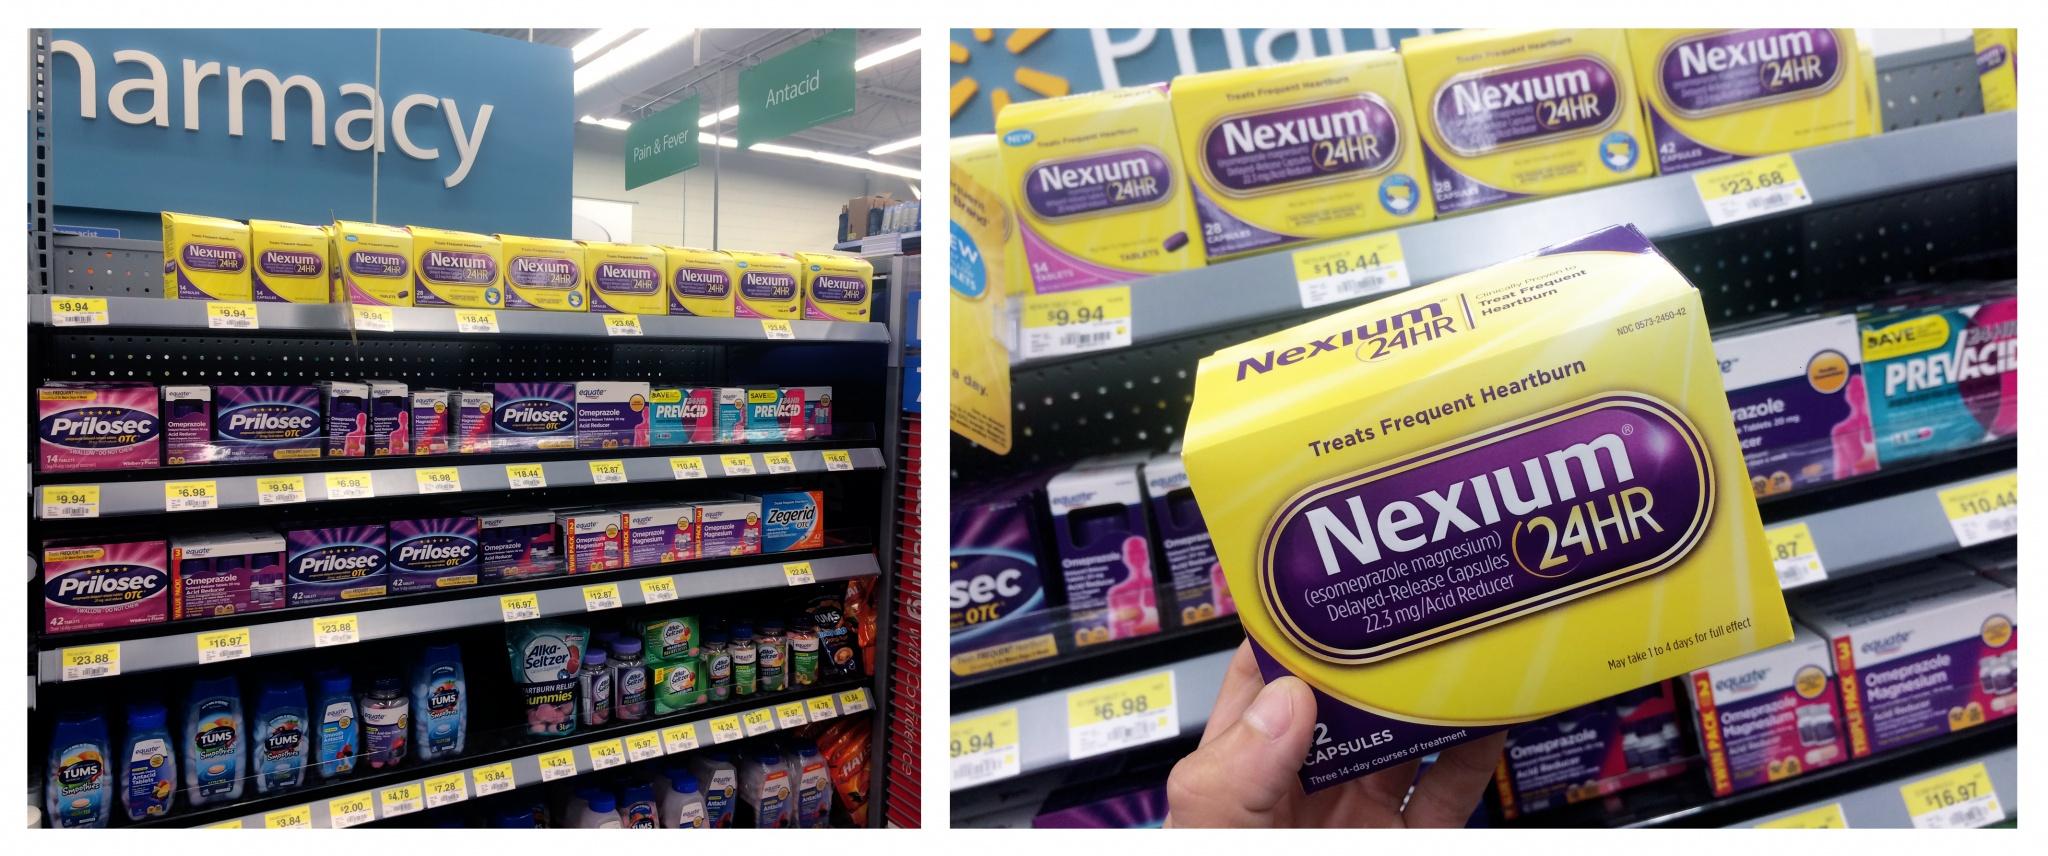 Walmart-Nexium